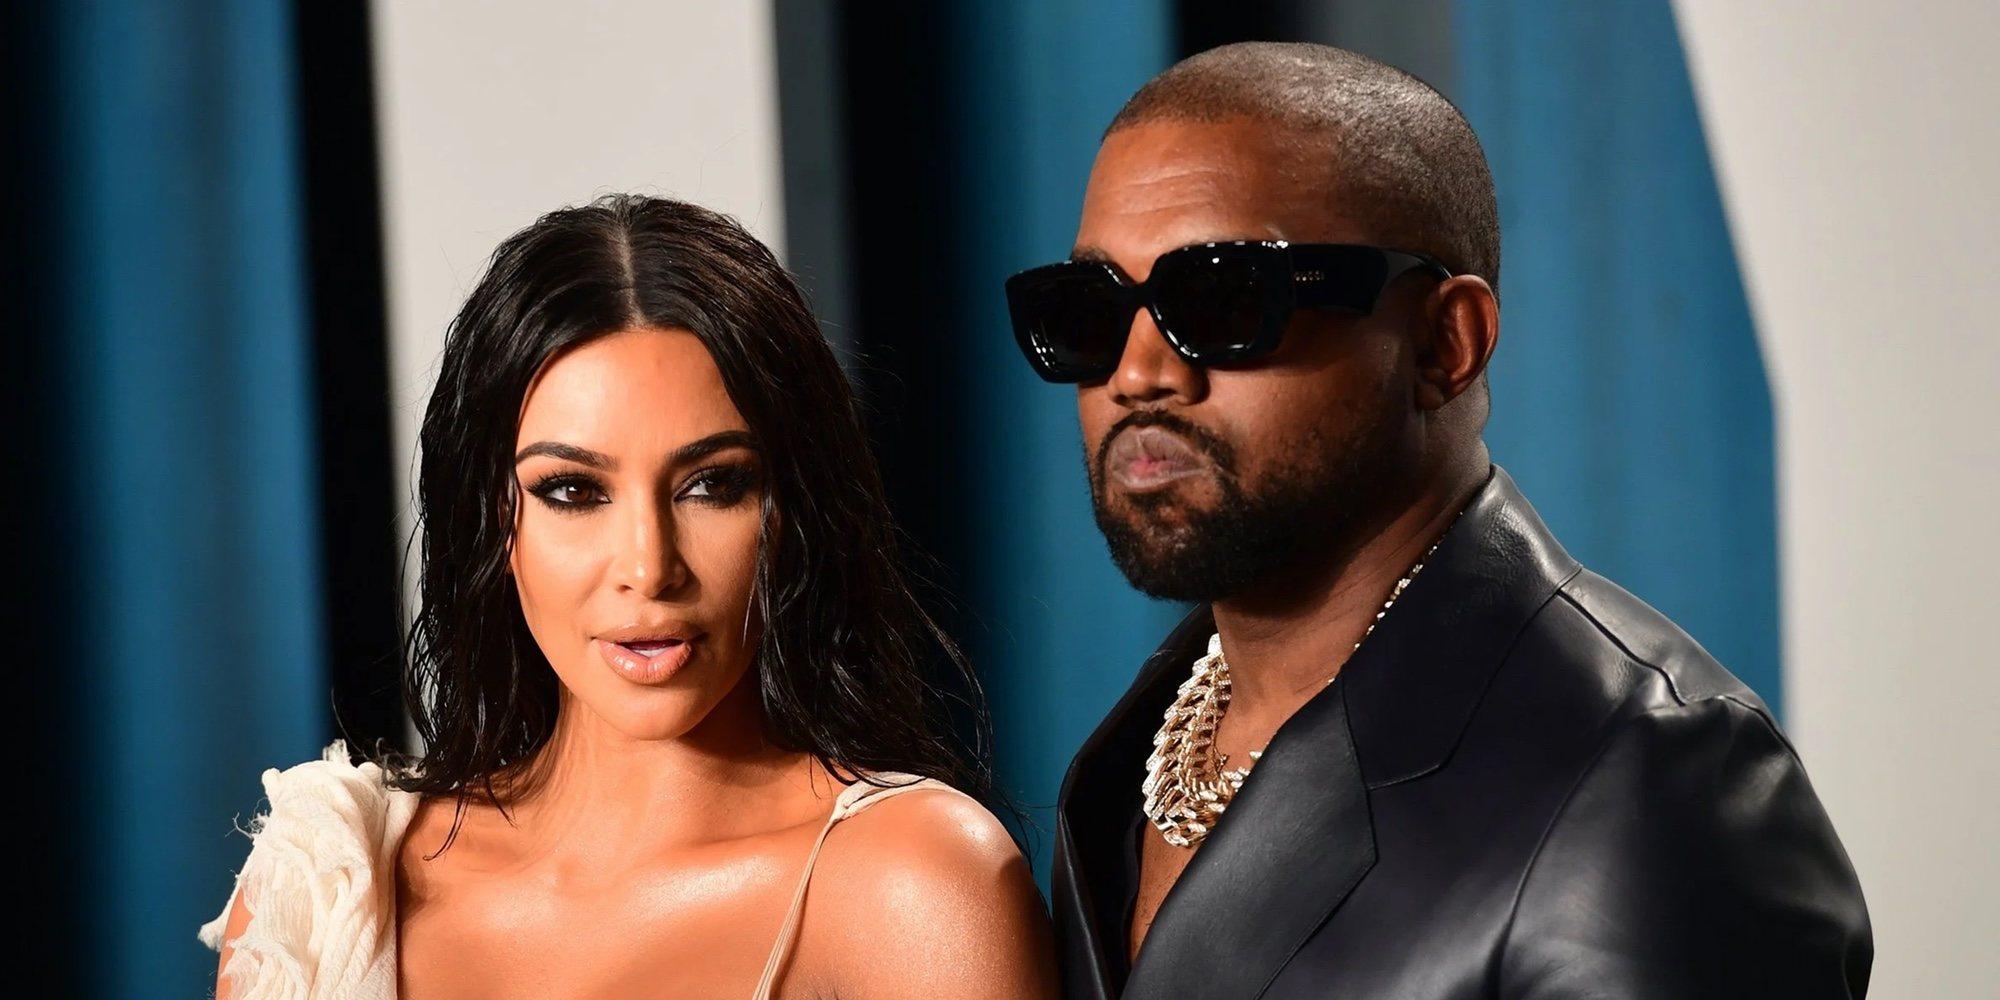 """Kim Kardashian pide el divorcio a Kanye West: """"Para ella todo ha terminado y sucederá lo inevitable"""""""